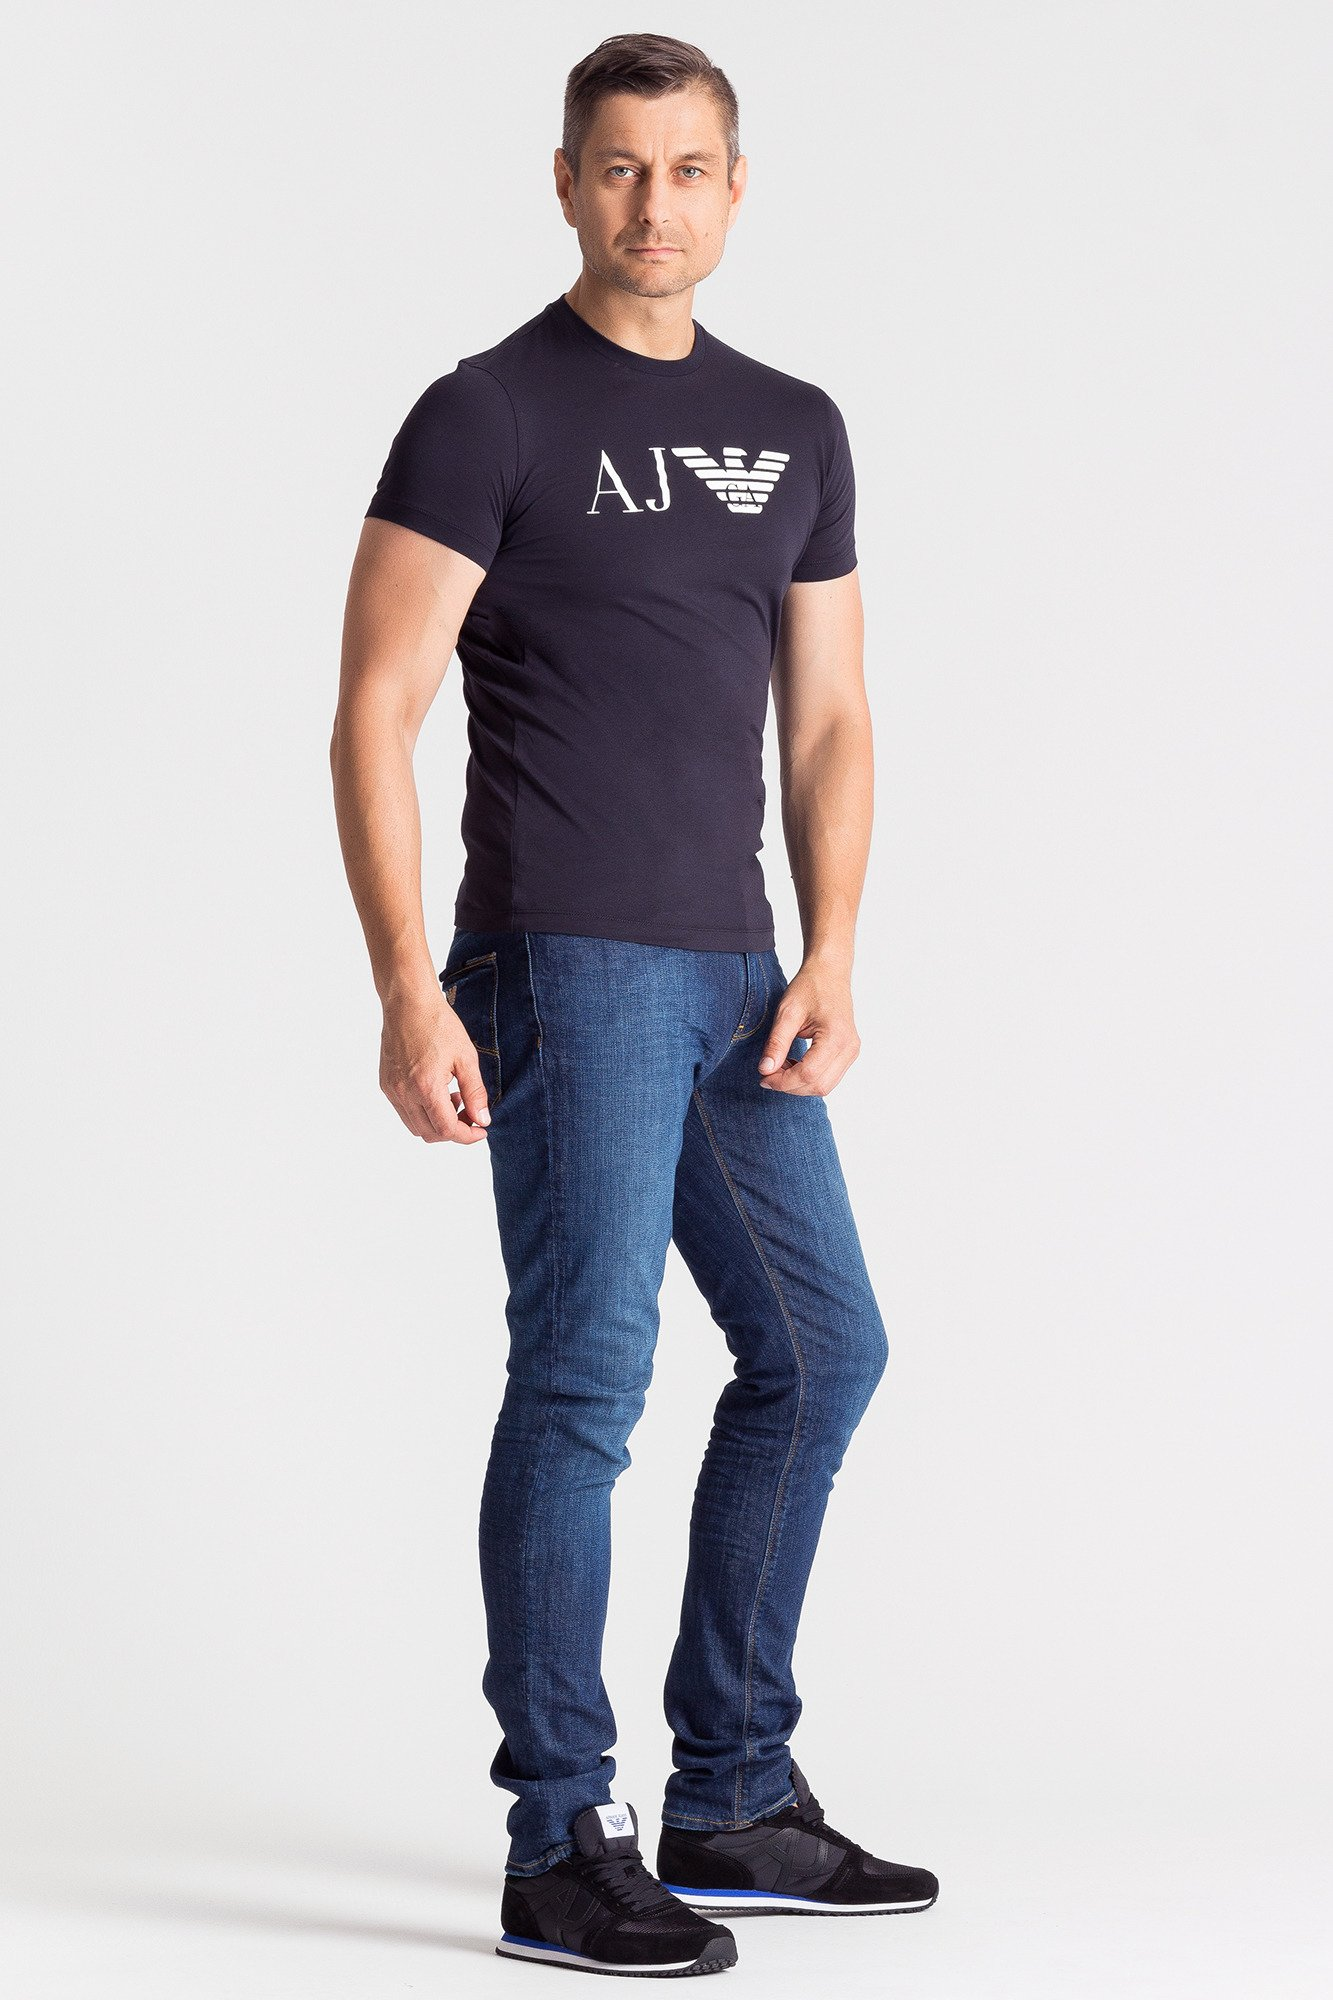 ... Granatowy t-shirt męski z nadrukiem ... 69561a7d0e6